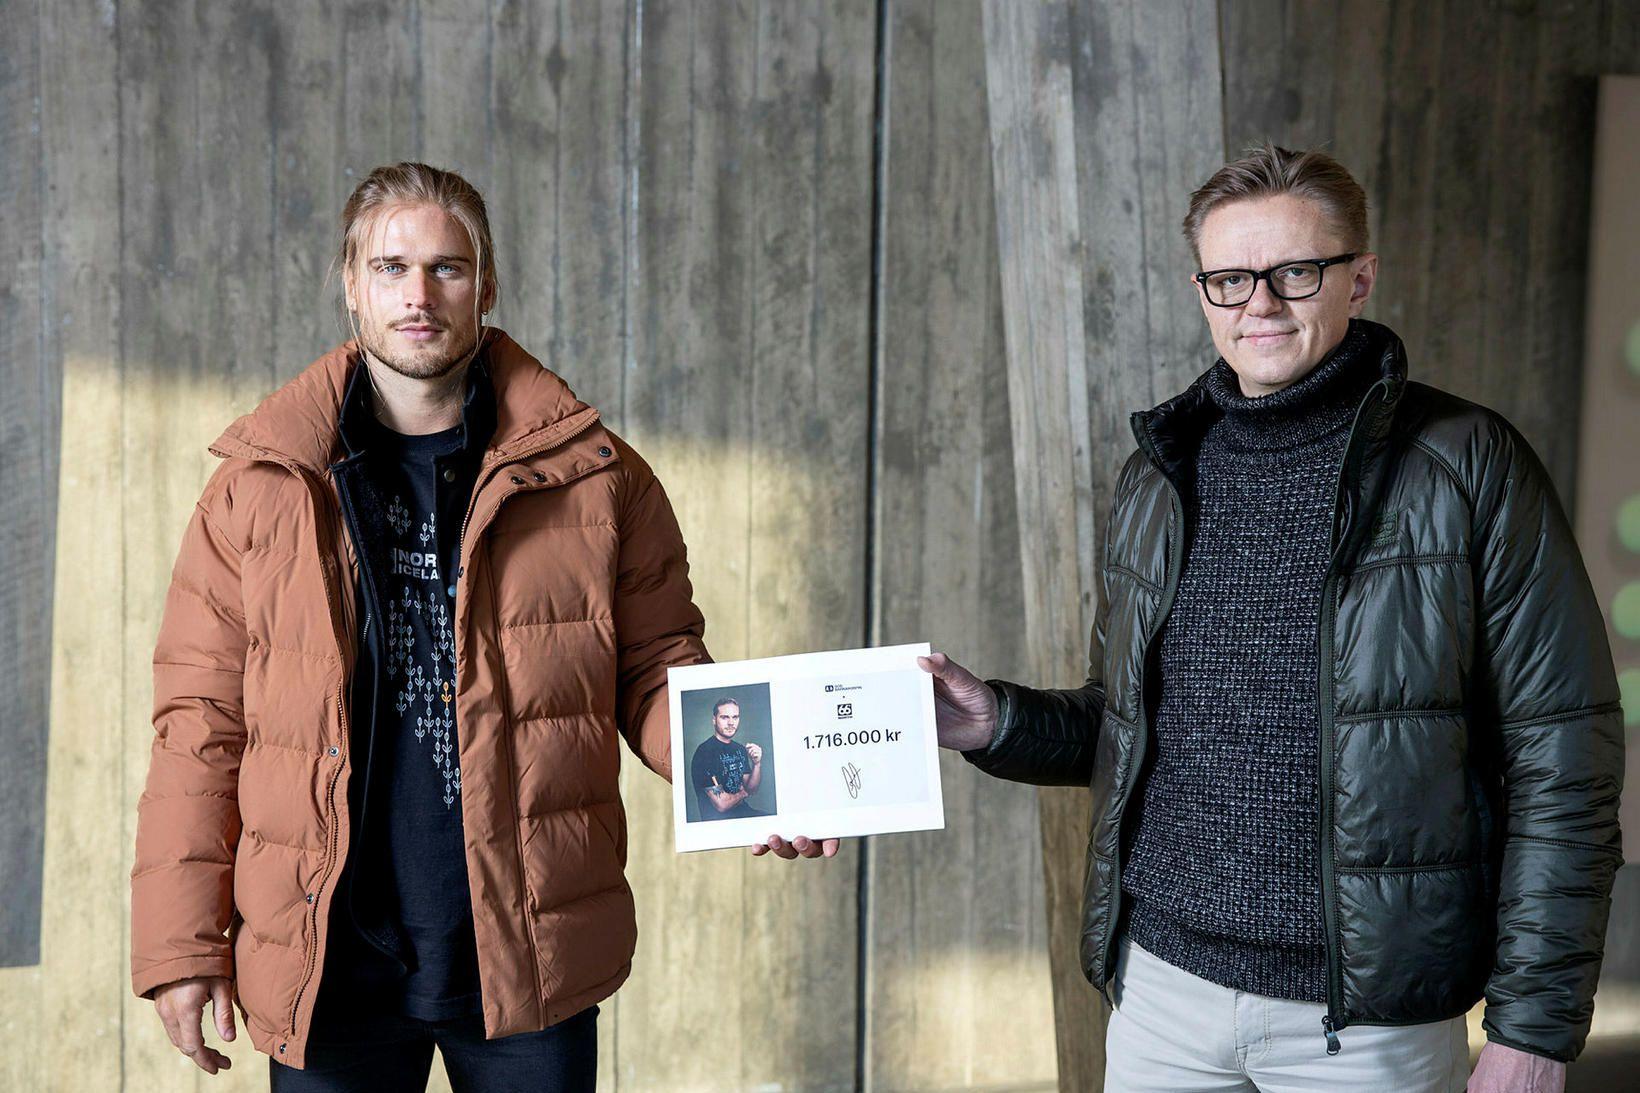 Rúrik Gíslasyni og Ragnari Schram á Kjarvalsstöðum.